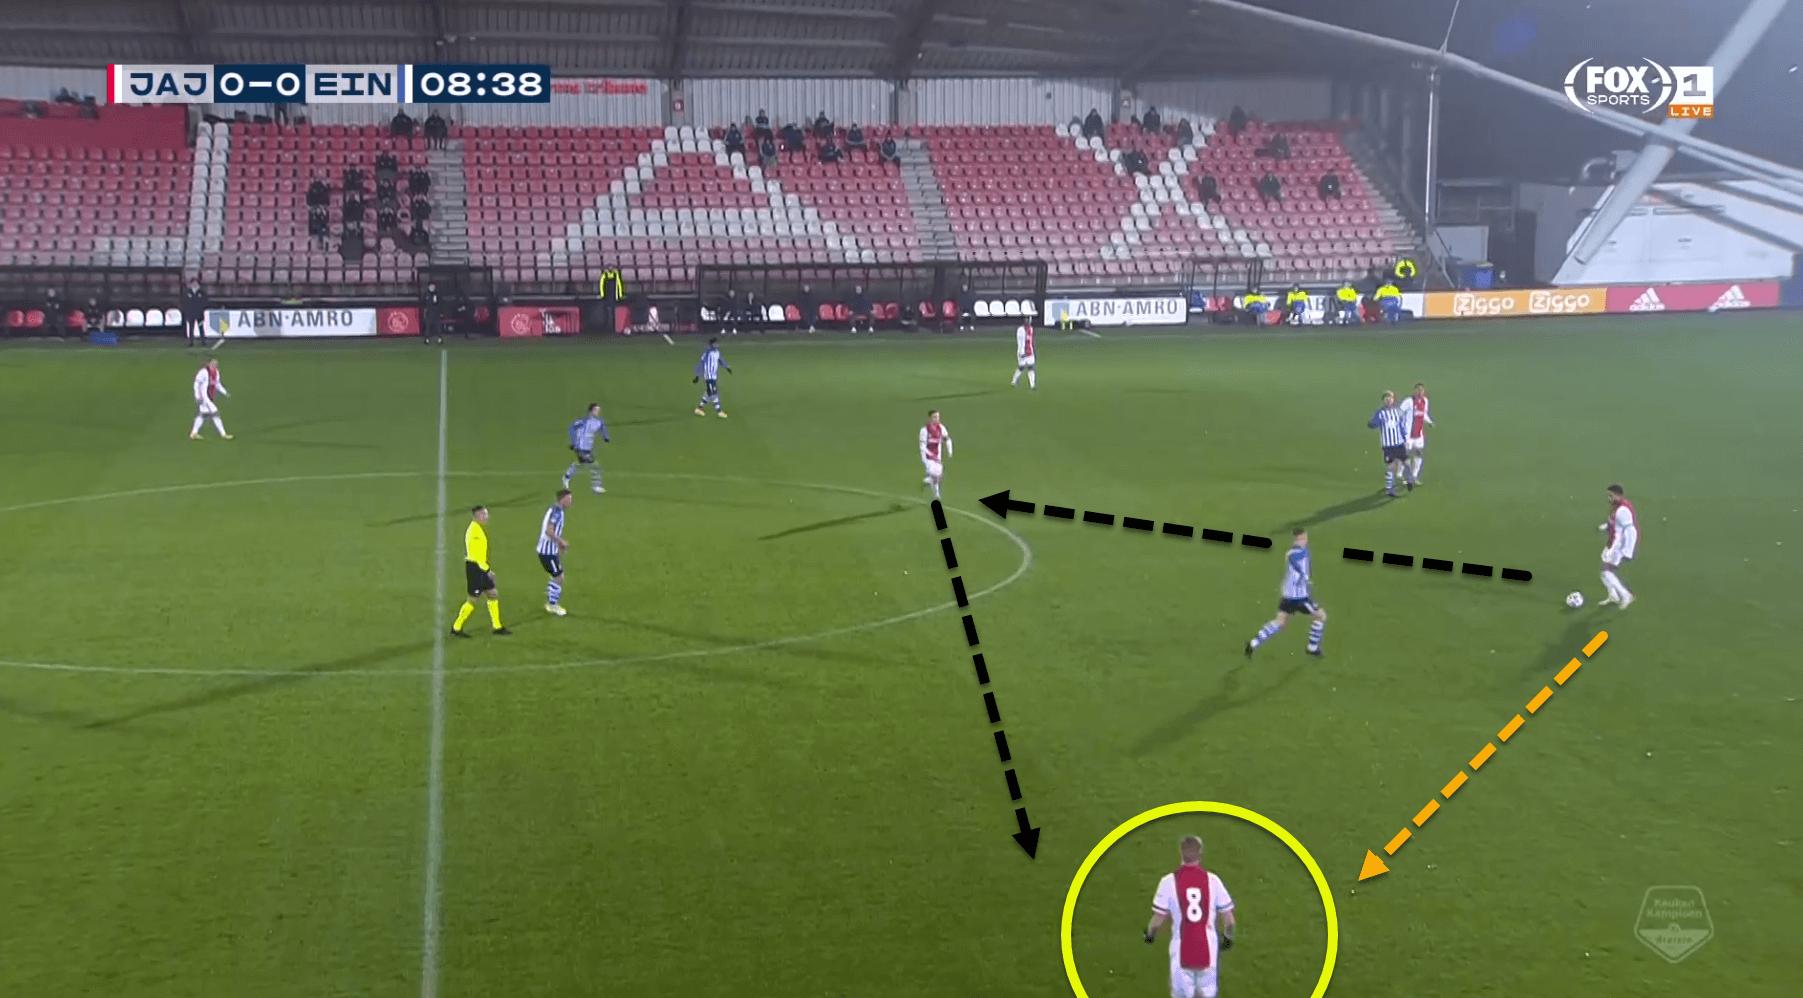 The next great Dutch midfielder